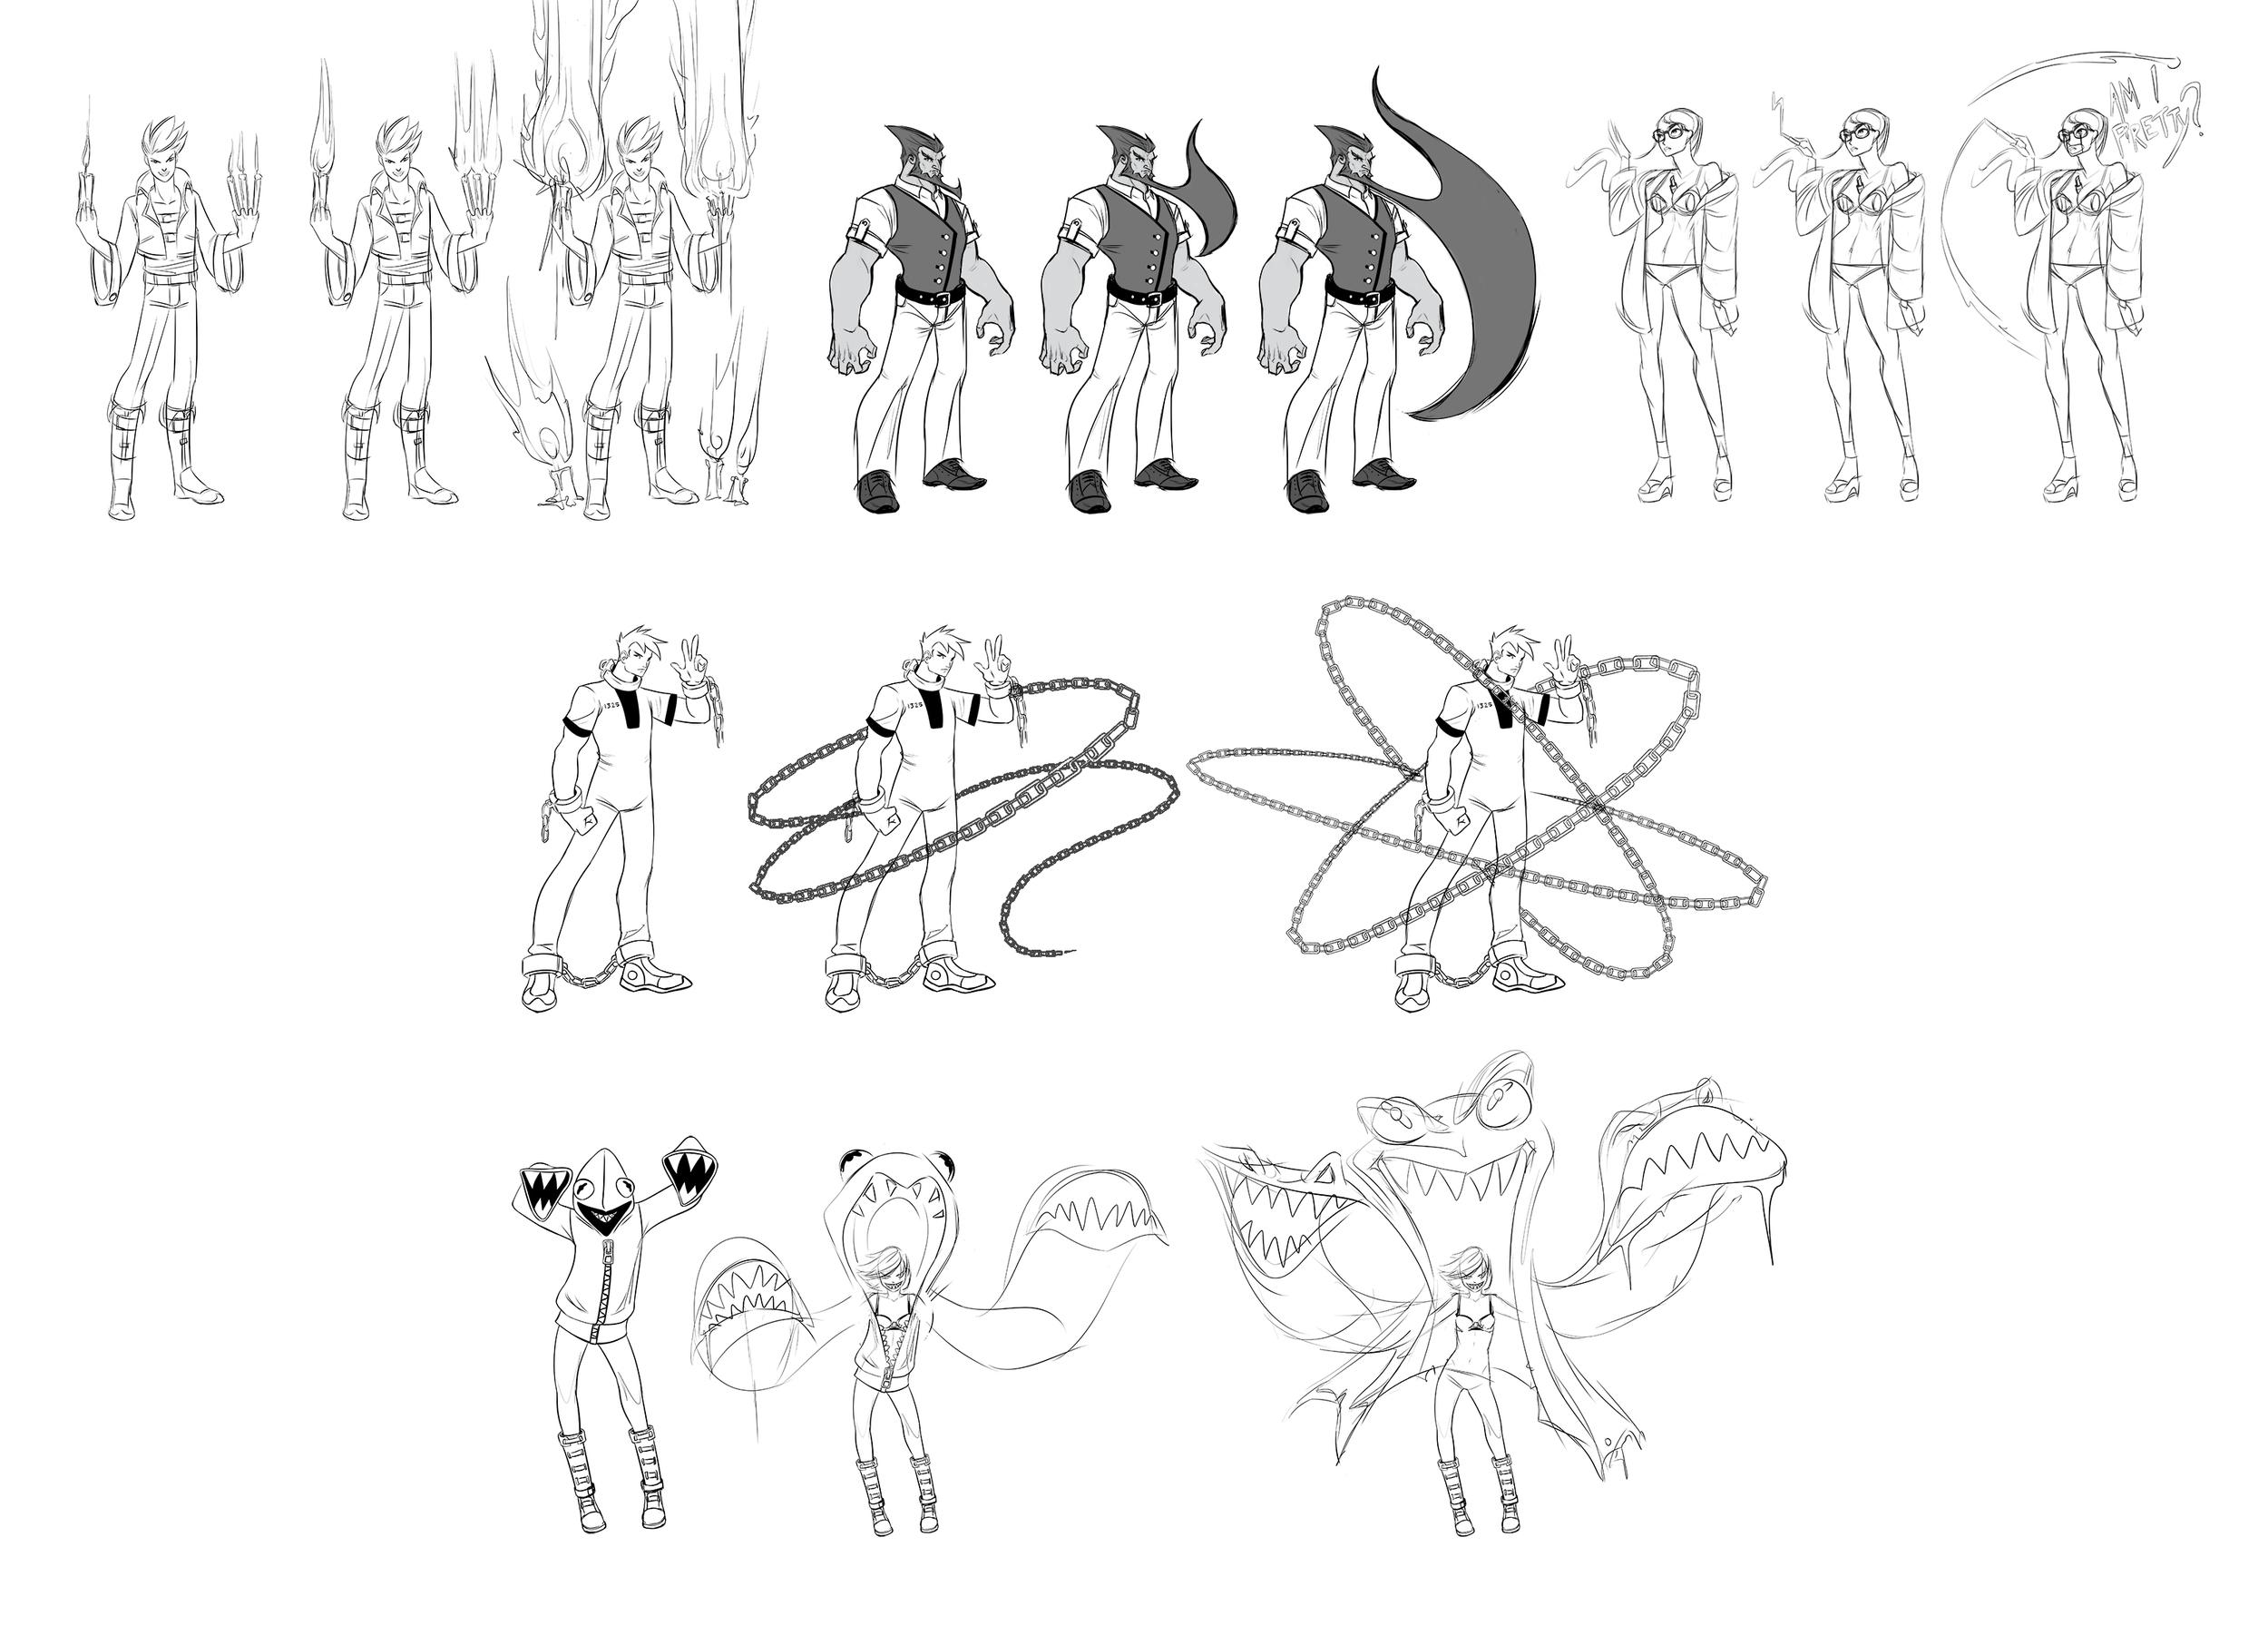 BenSkutt_Assignment3_CharacterSketches.jpg